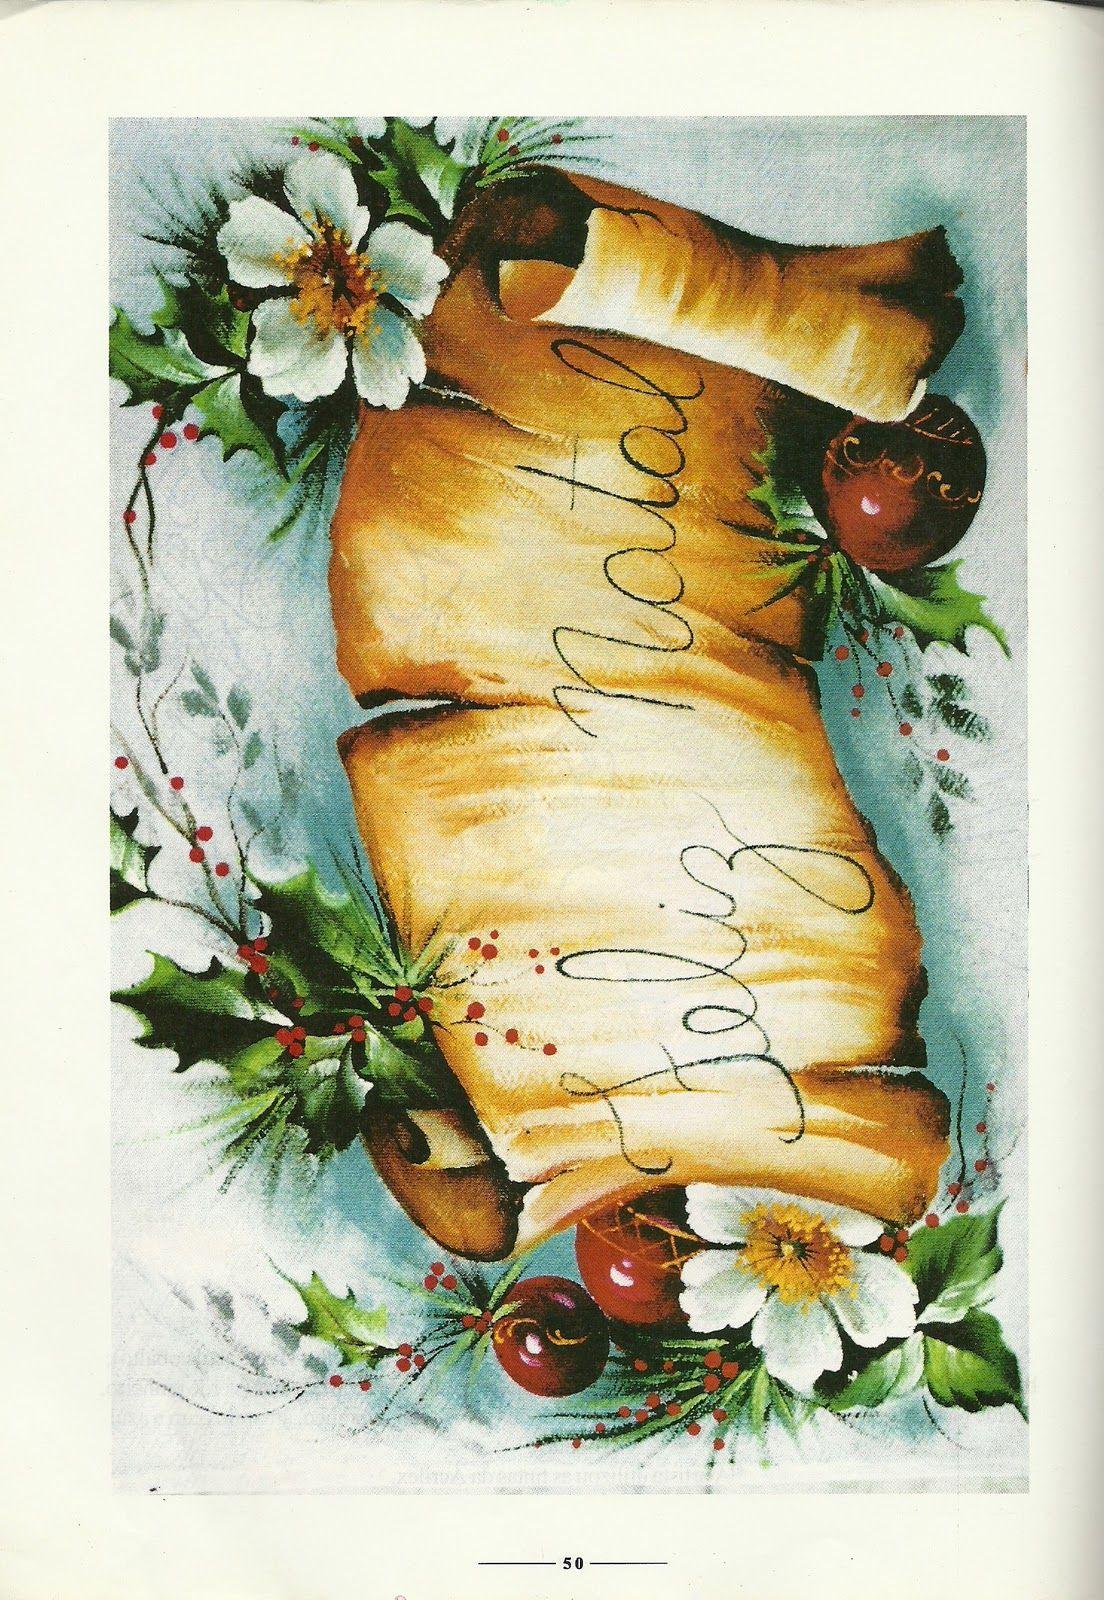 Pintura em tecido para o natal vilaclub pintura en tela pinterest blog natal y pintura - Pintura en tela motivos navidenos ...